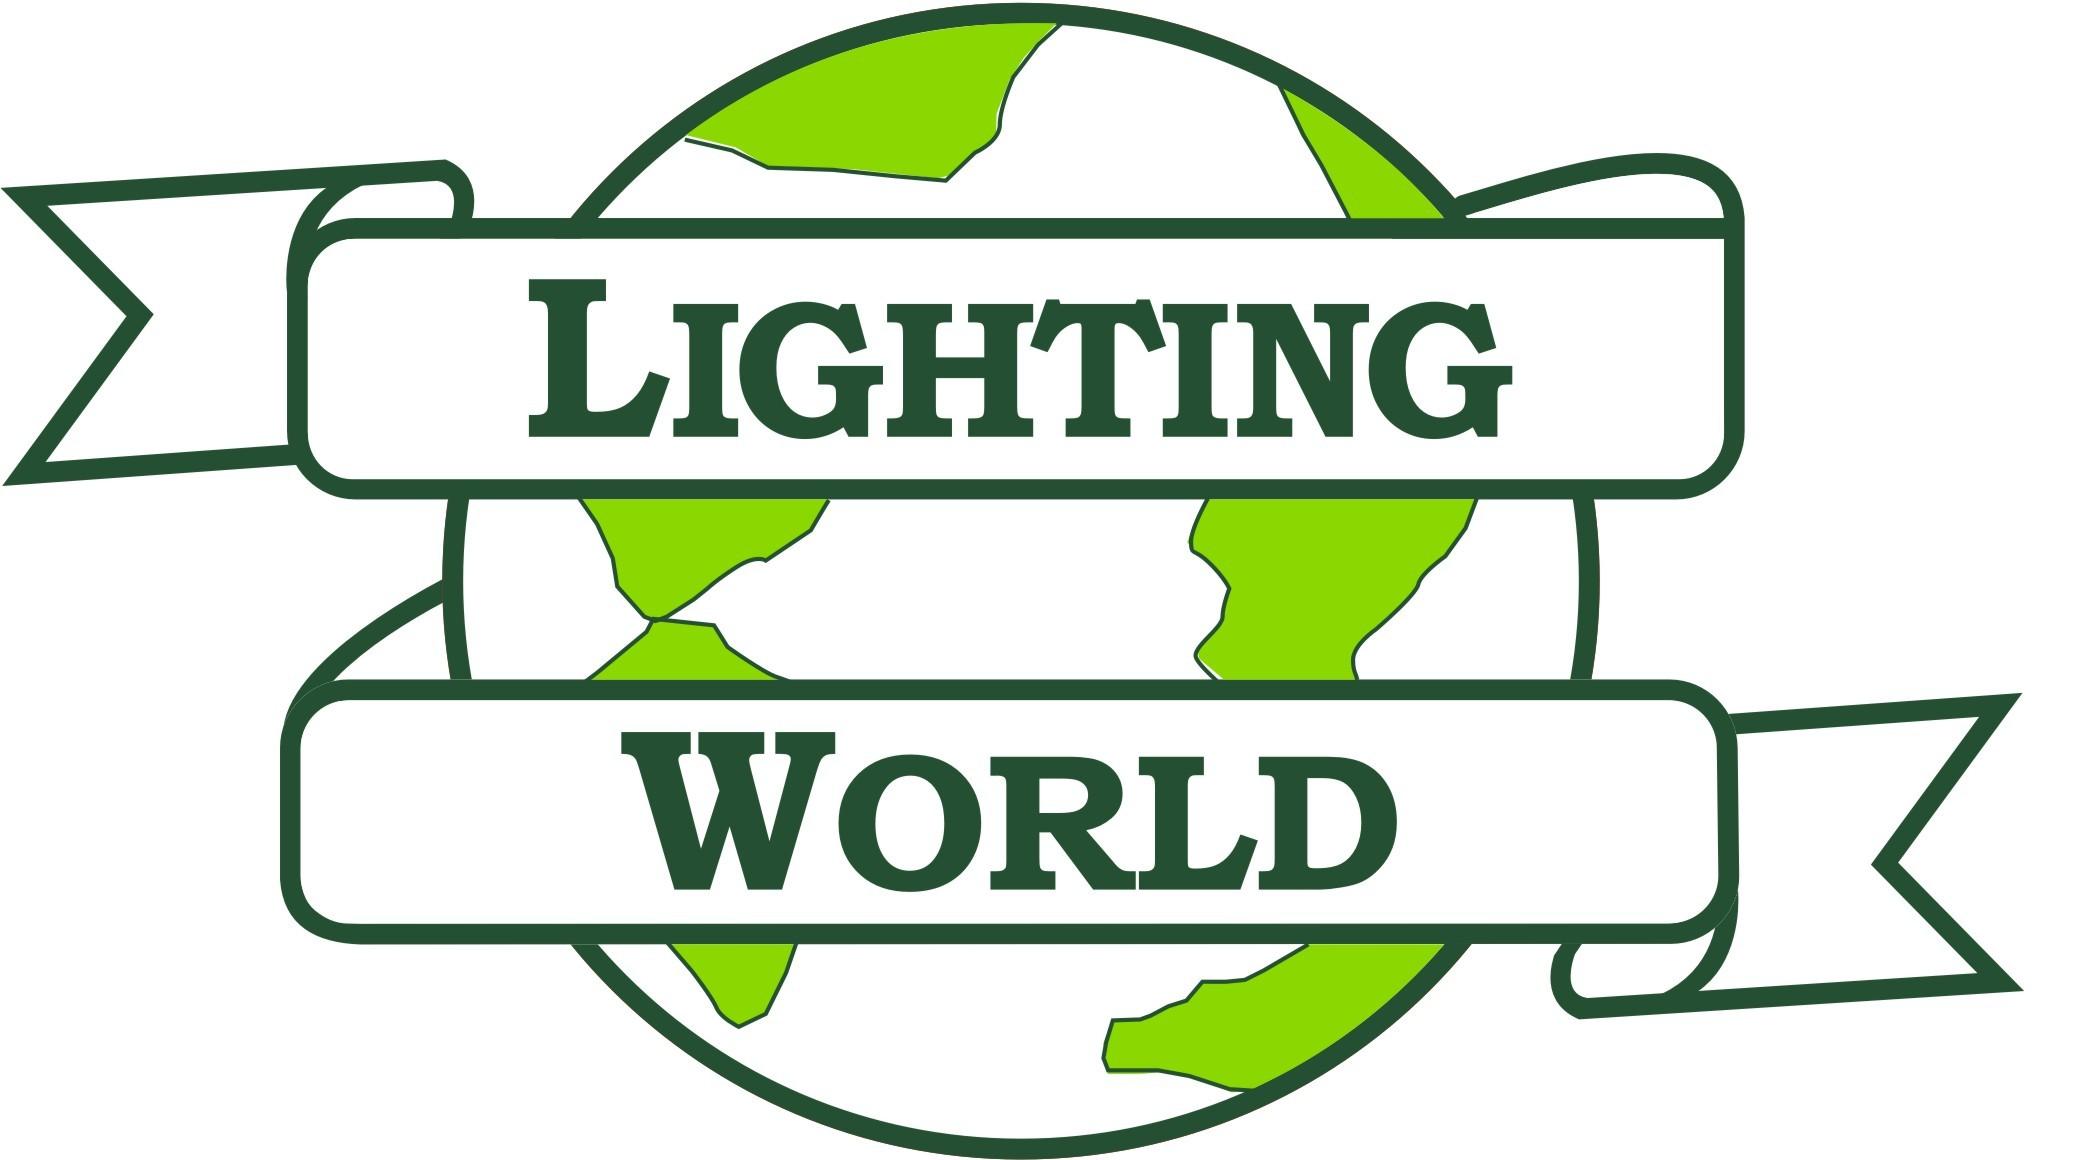 lighting world logo.jpg